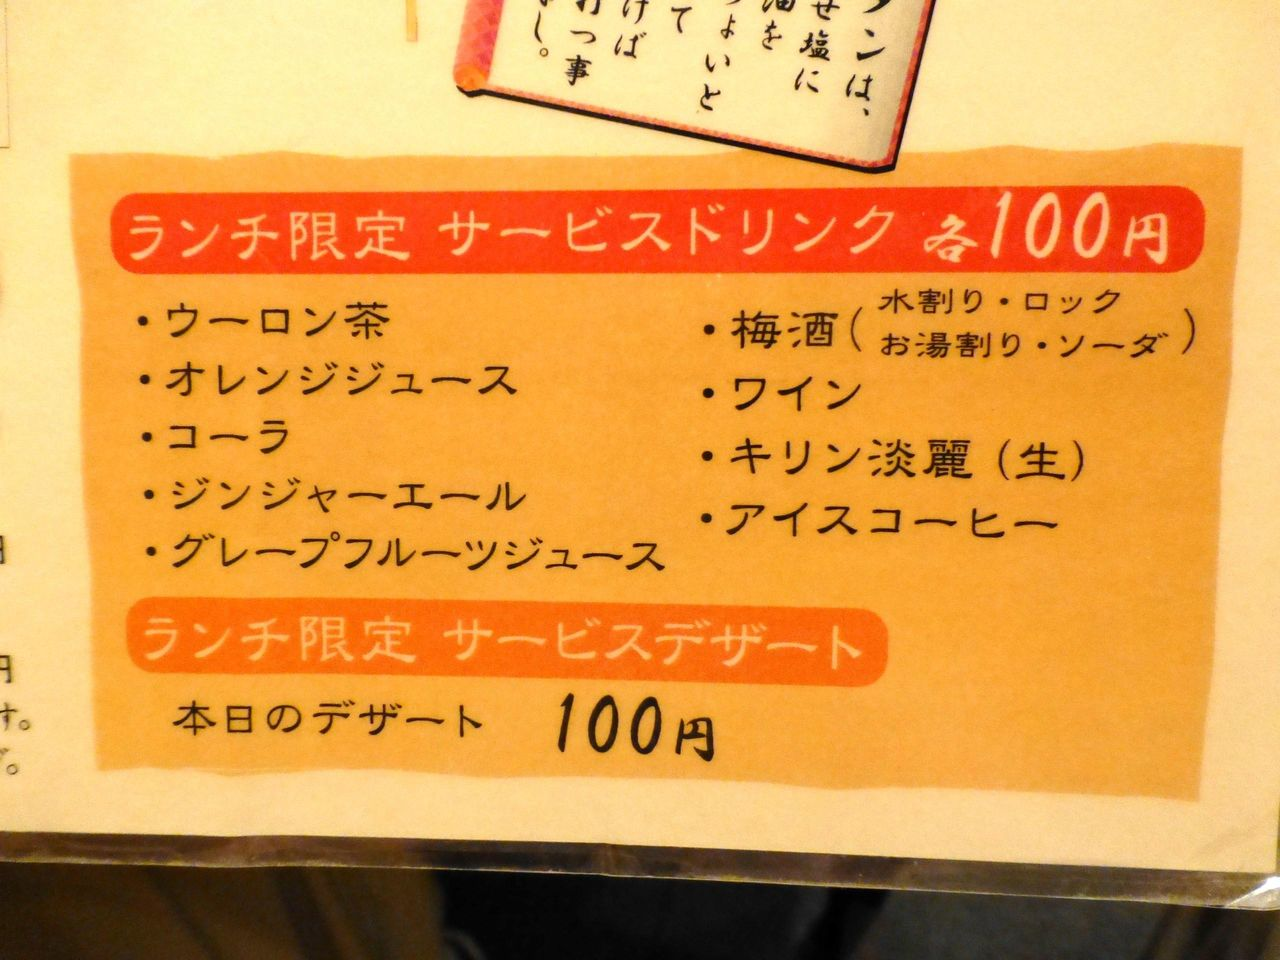 ランチは、ビール、ワイン、コーヒーなどが100円です!